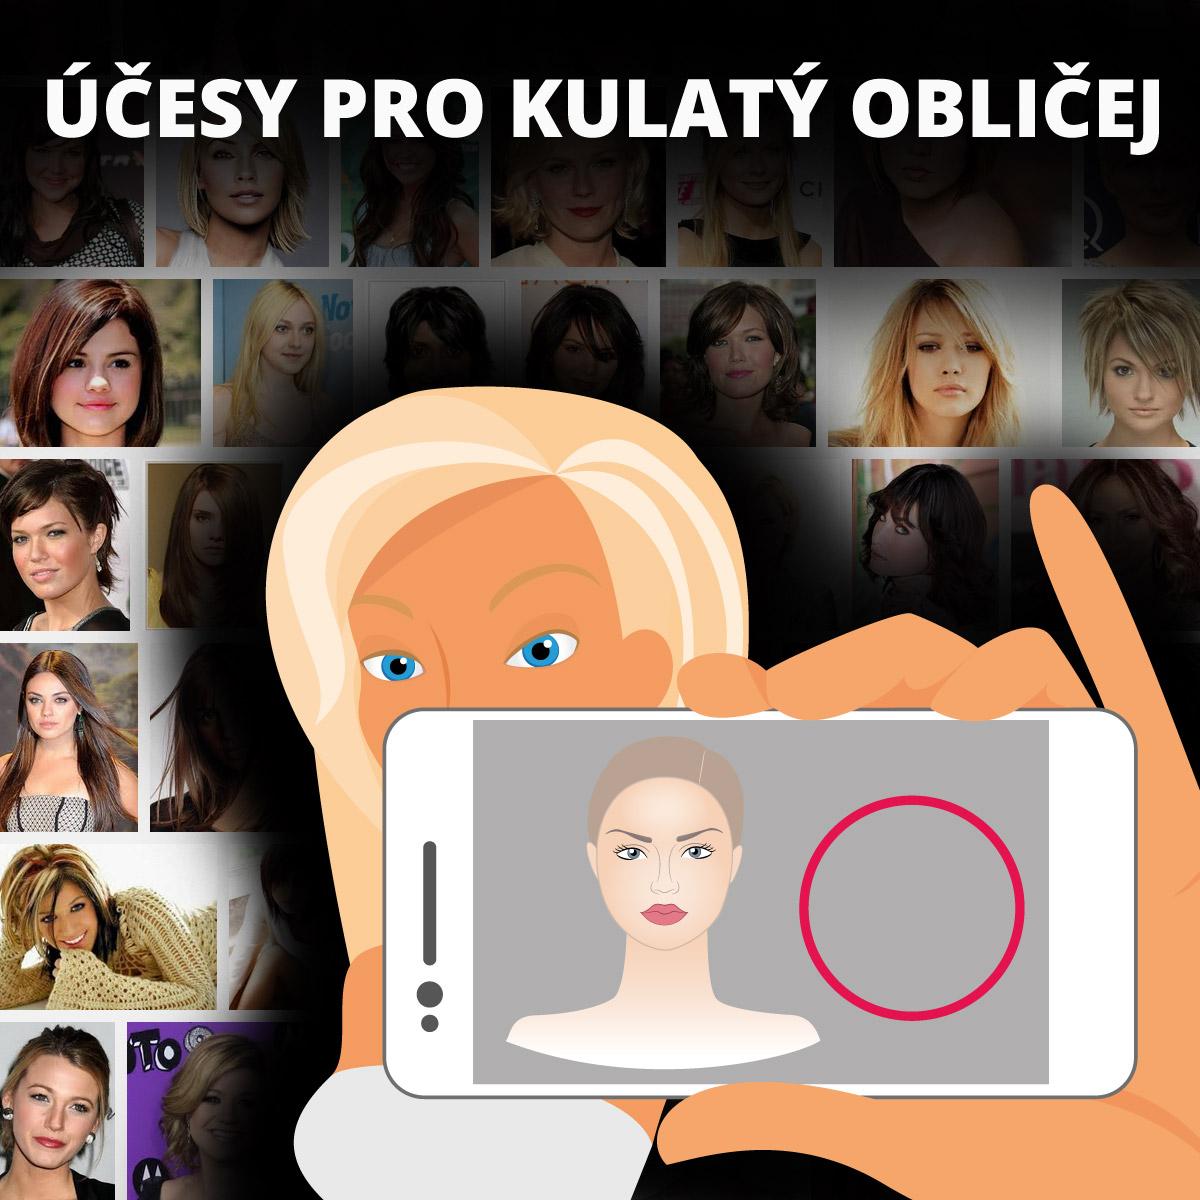 Účesy pro kulatý obličej –jak si správně vybrat účes pro kulatý obličej a čeho se vyvarovat!